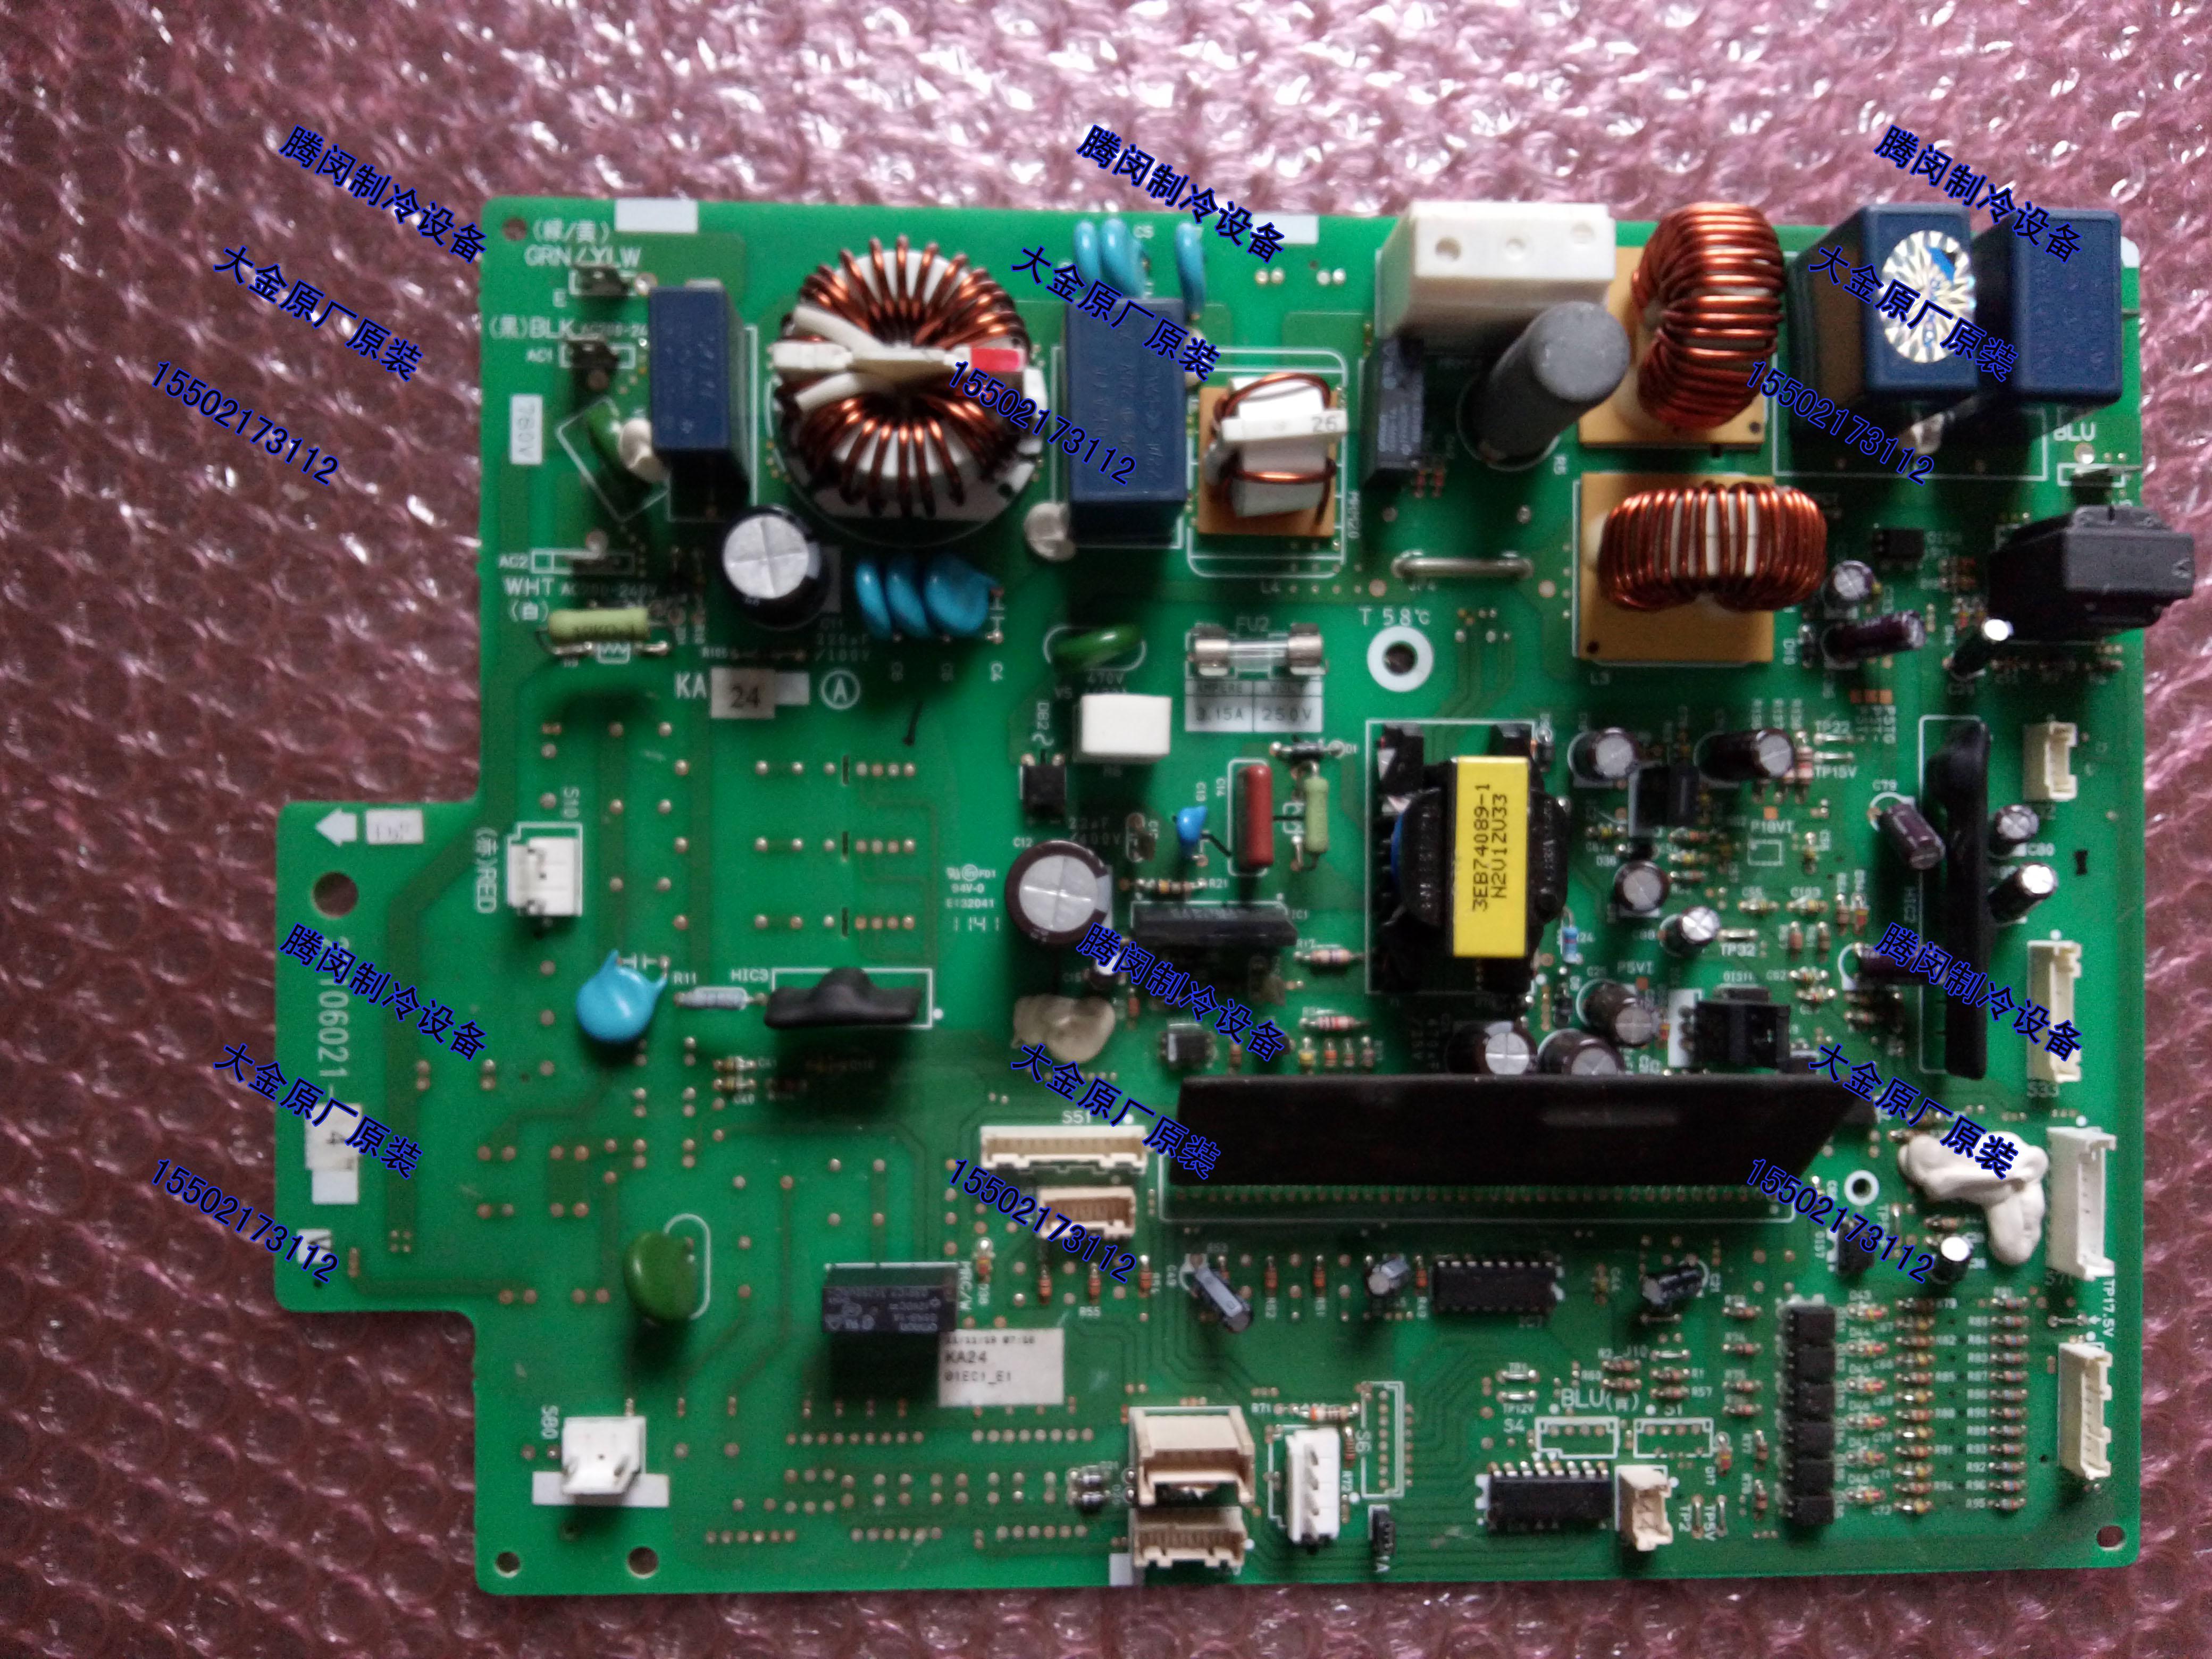 - platten 2P106021-5 Daikin RXD60DMV2C Daikin und klimaanlage - Daikin mainboard - board - computer